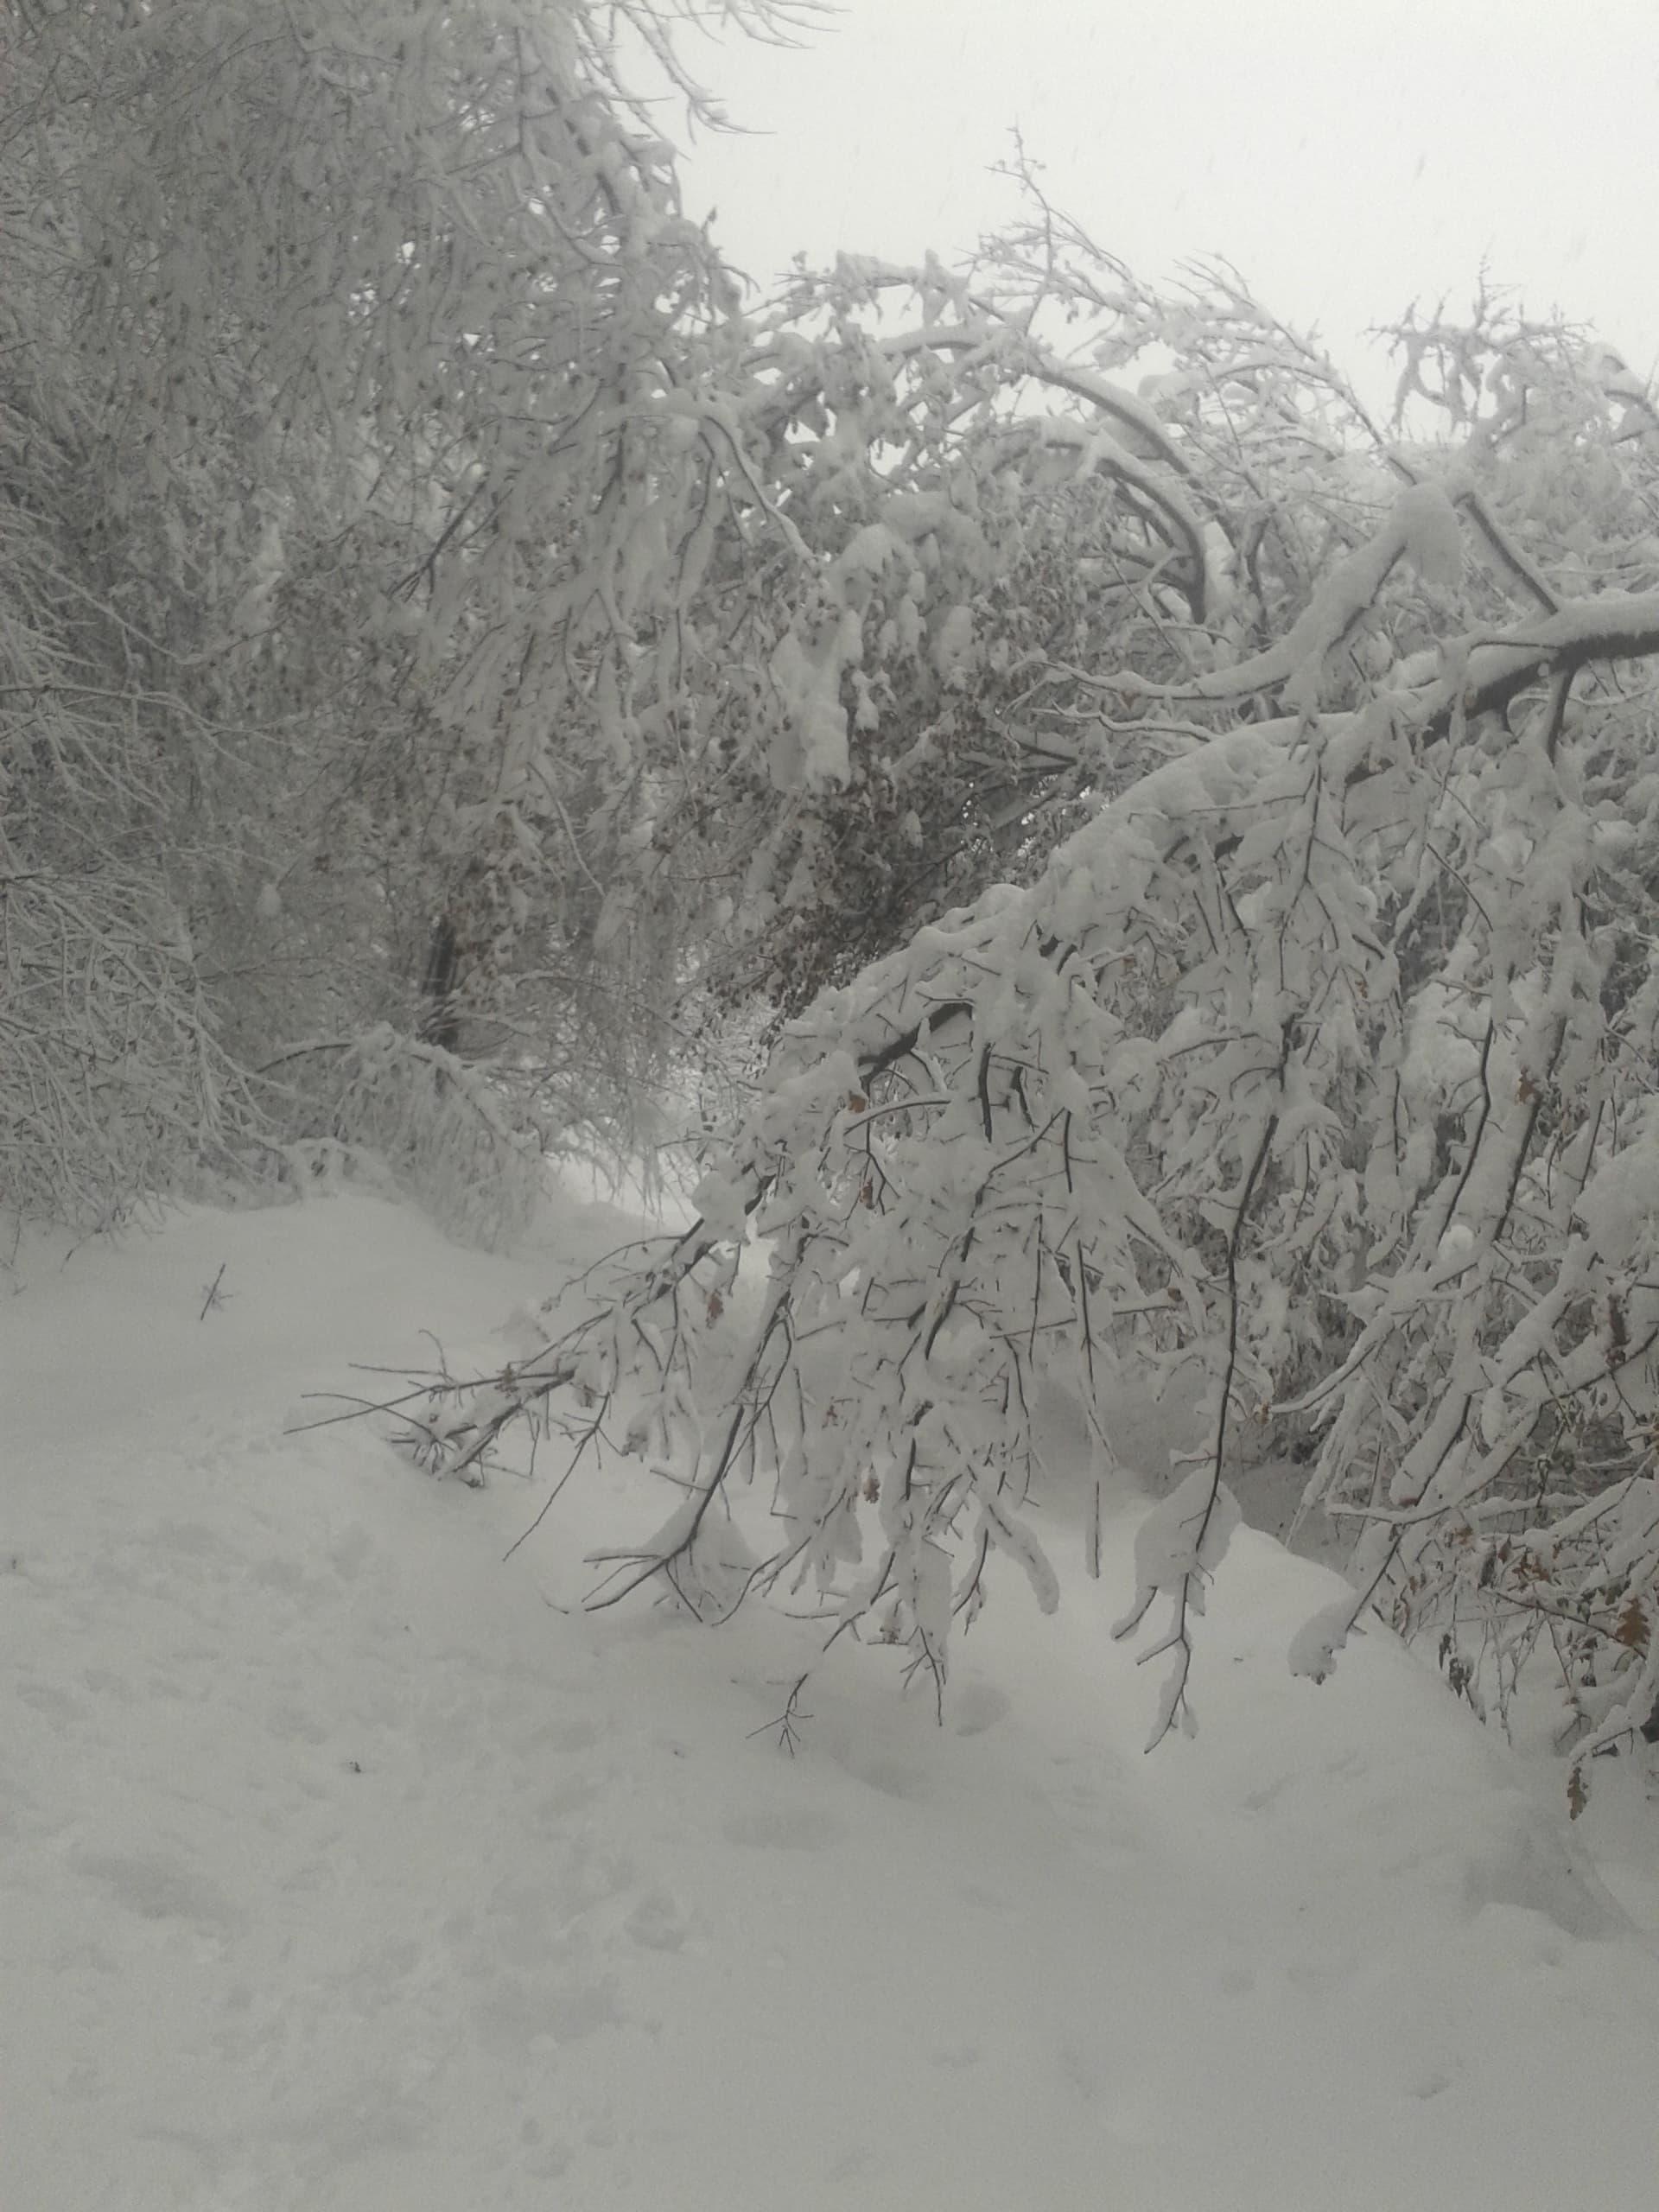 plimbare desculț în zăpadă în varicoză baza de petrol în varicoză